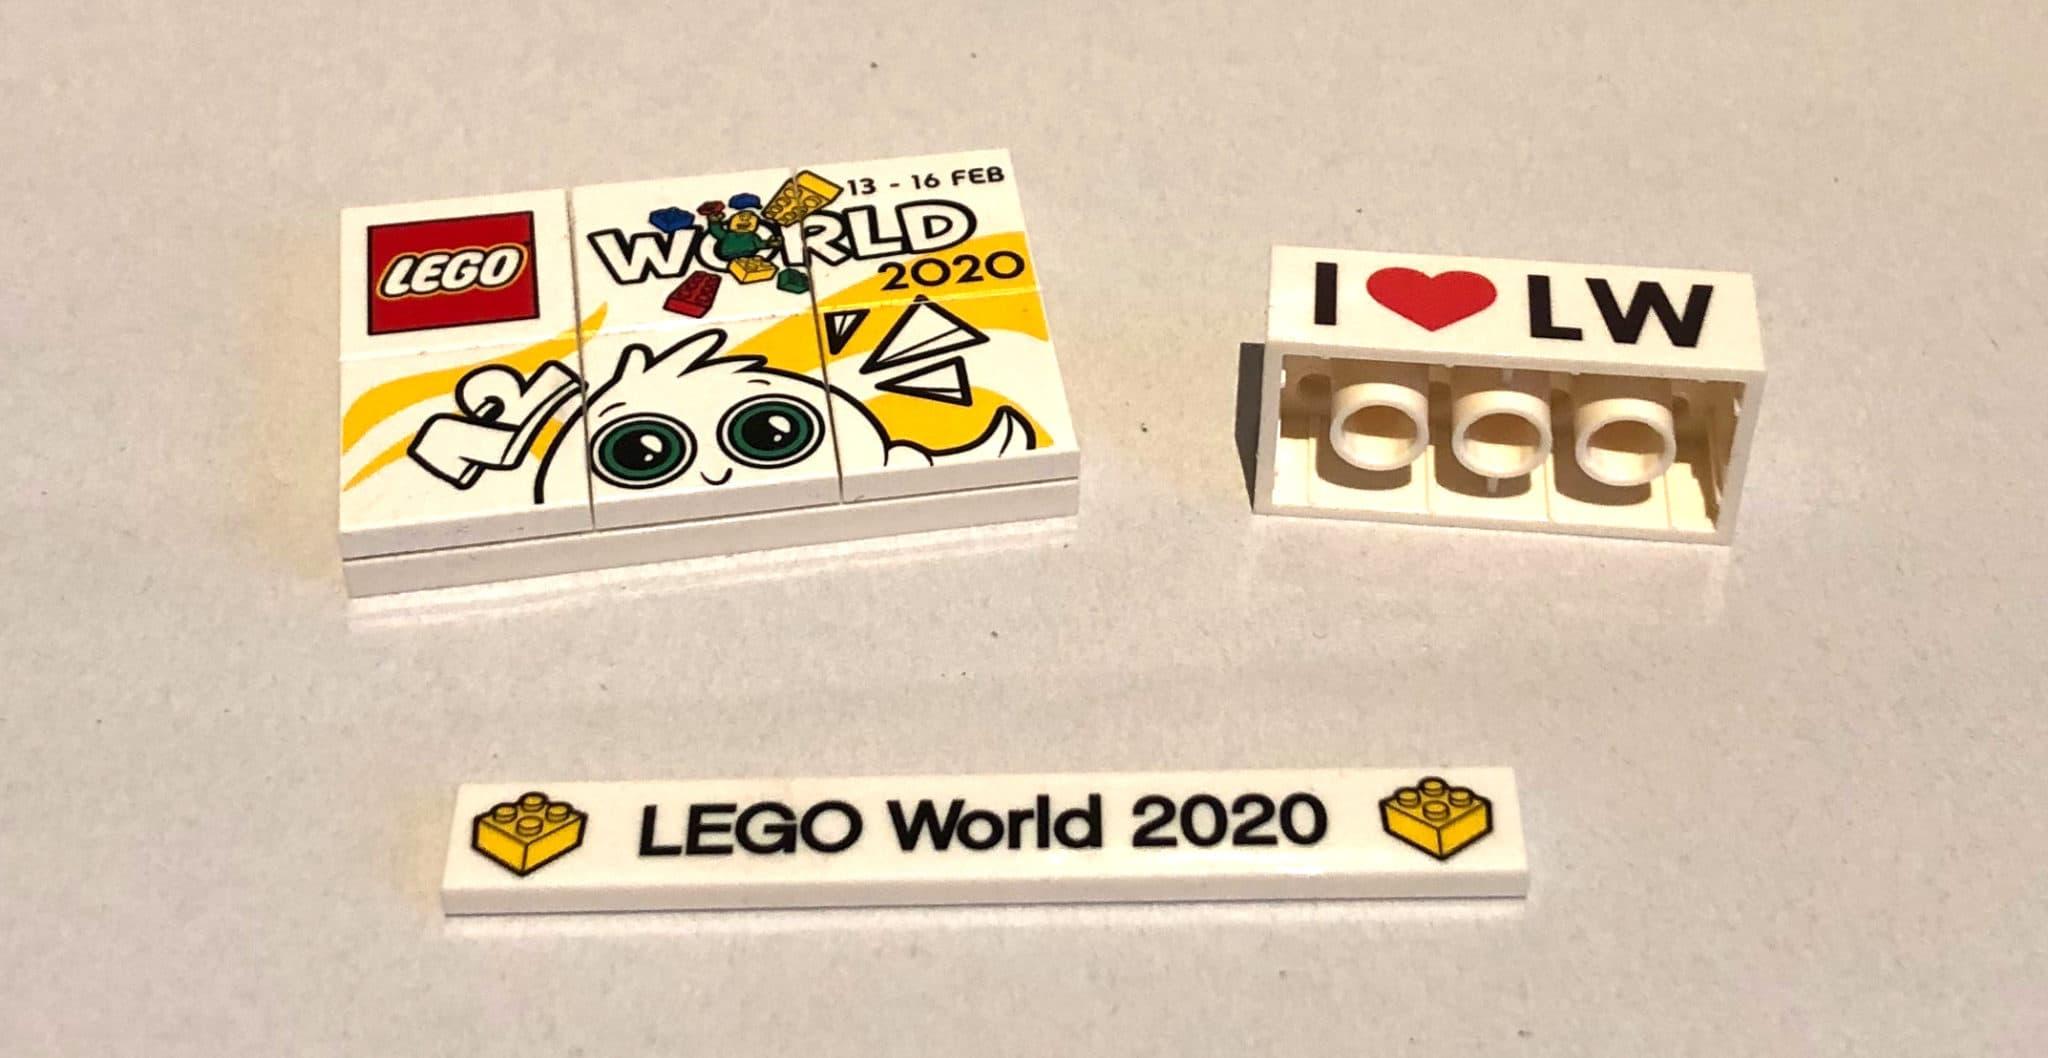 Die exklusiven bedruckten Teile von der LEGO World in Kopenhagen